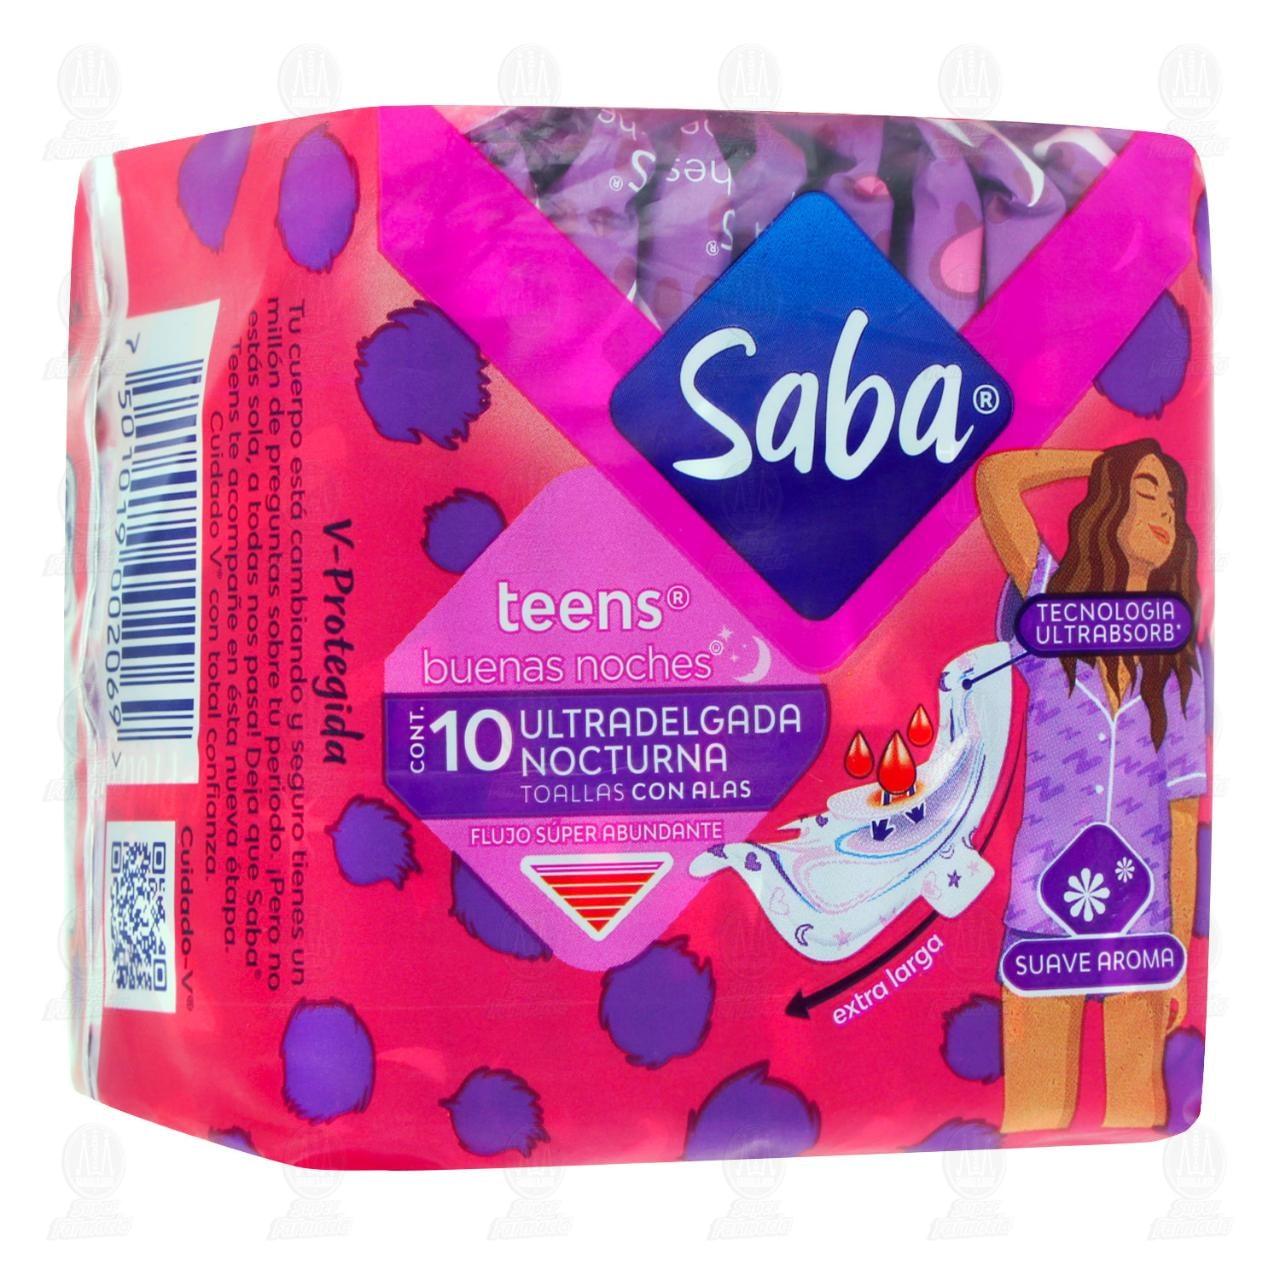 Comprar Toallas Femeninas Saba Teens Ultradelgada Nocturna con Alas, 10 pzas. en Farmacias Guadalajara